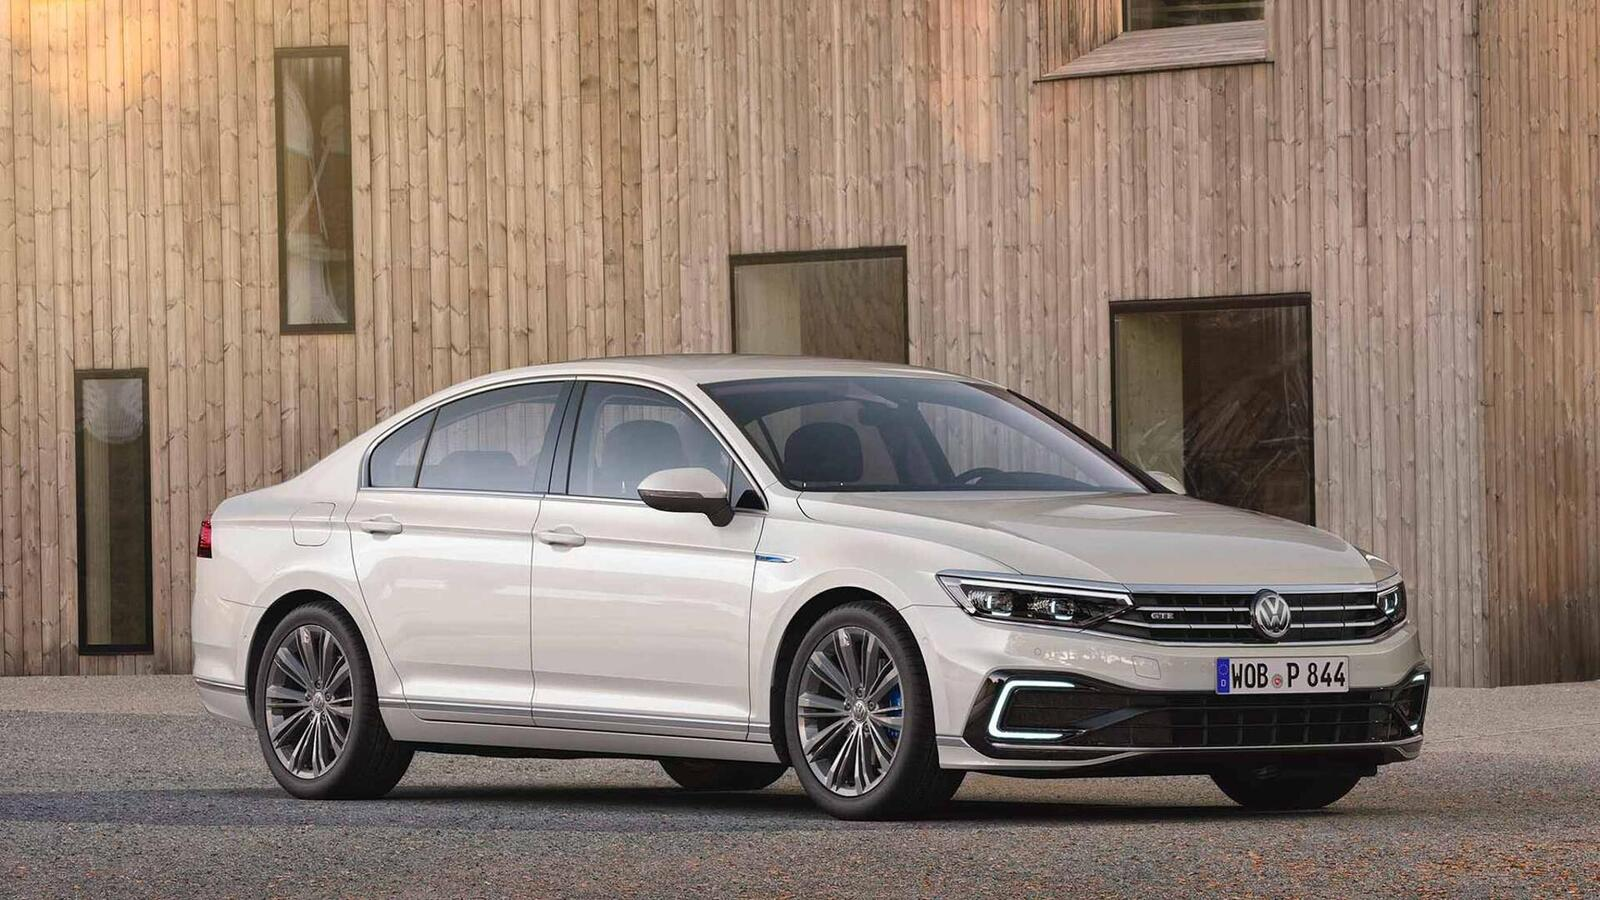 Volkswagen Passat 2020 mới phiên bản châu Âu; thêm đèn LED matrix; tương lai có thể về Việt Nam - Hình 9